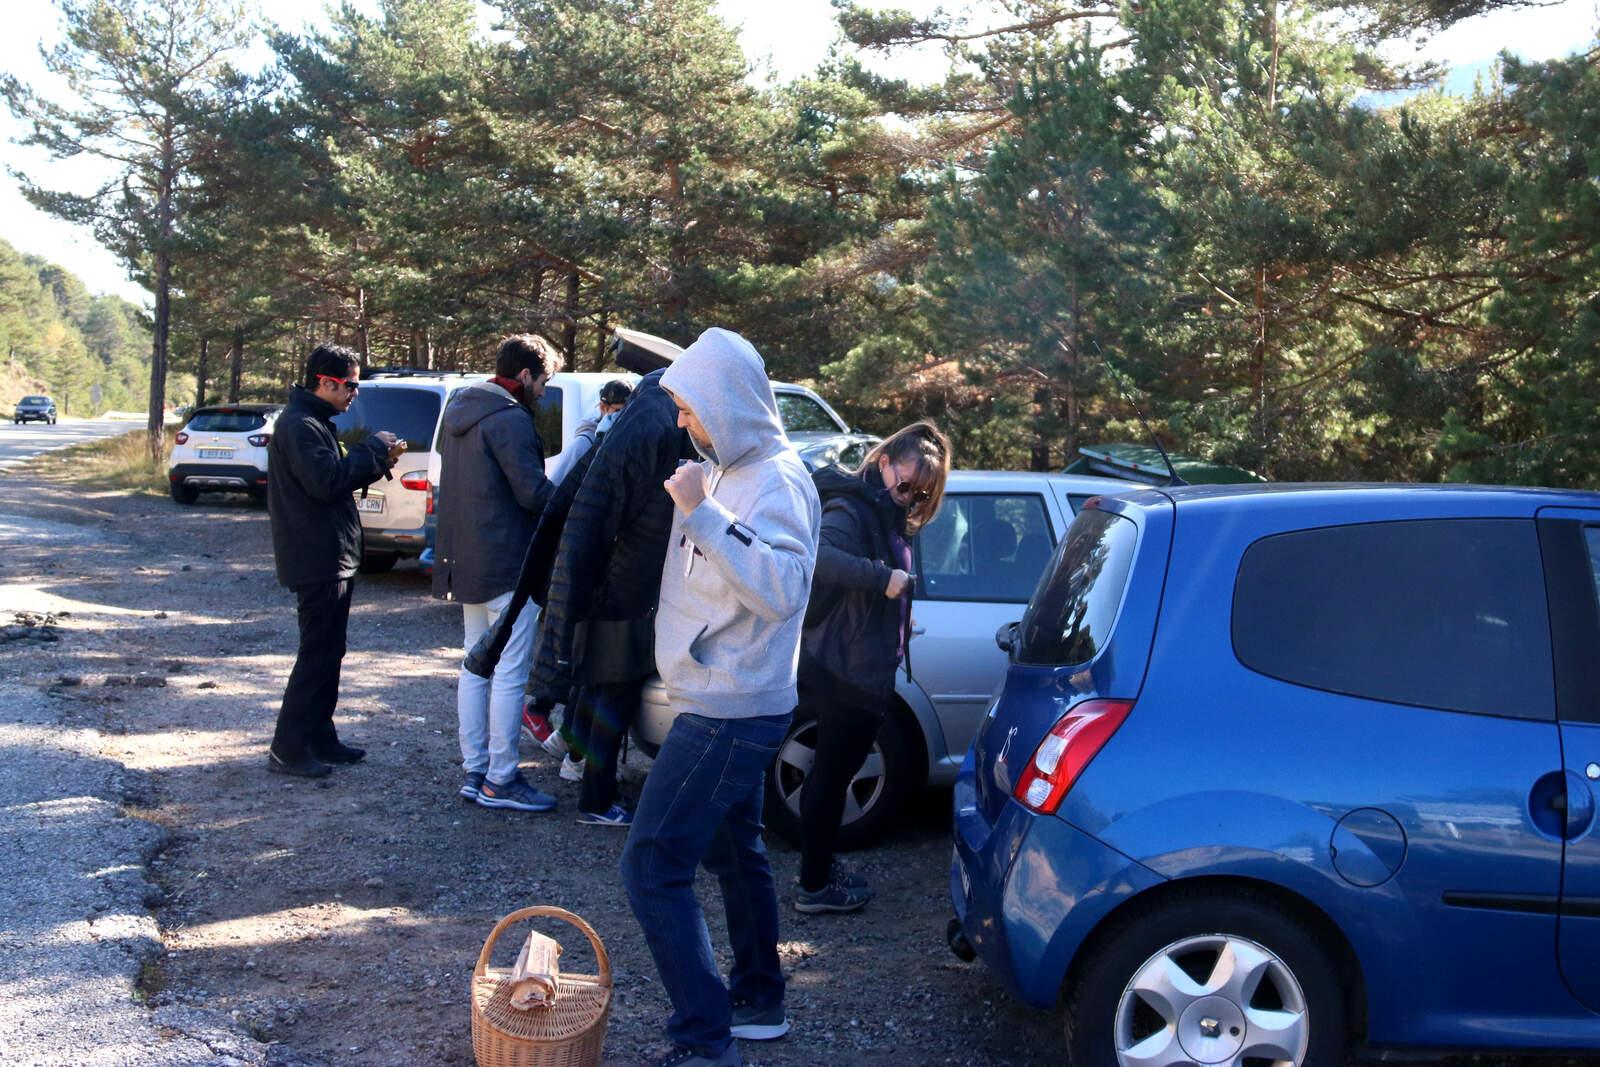 Joves acabats d'arribar al bosc per buscar bolets